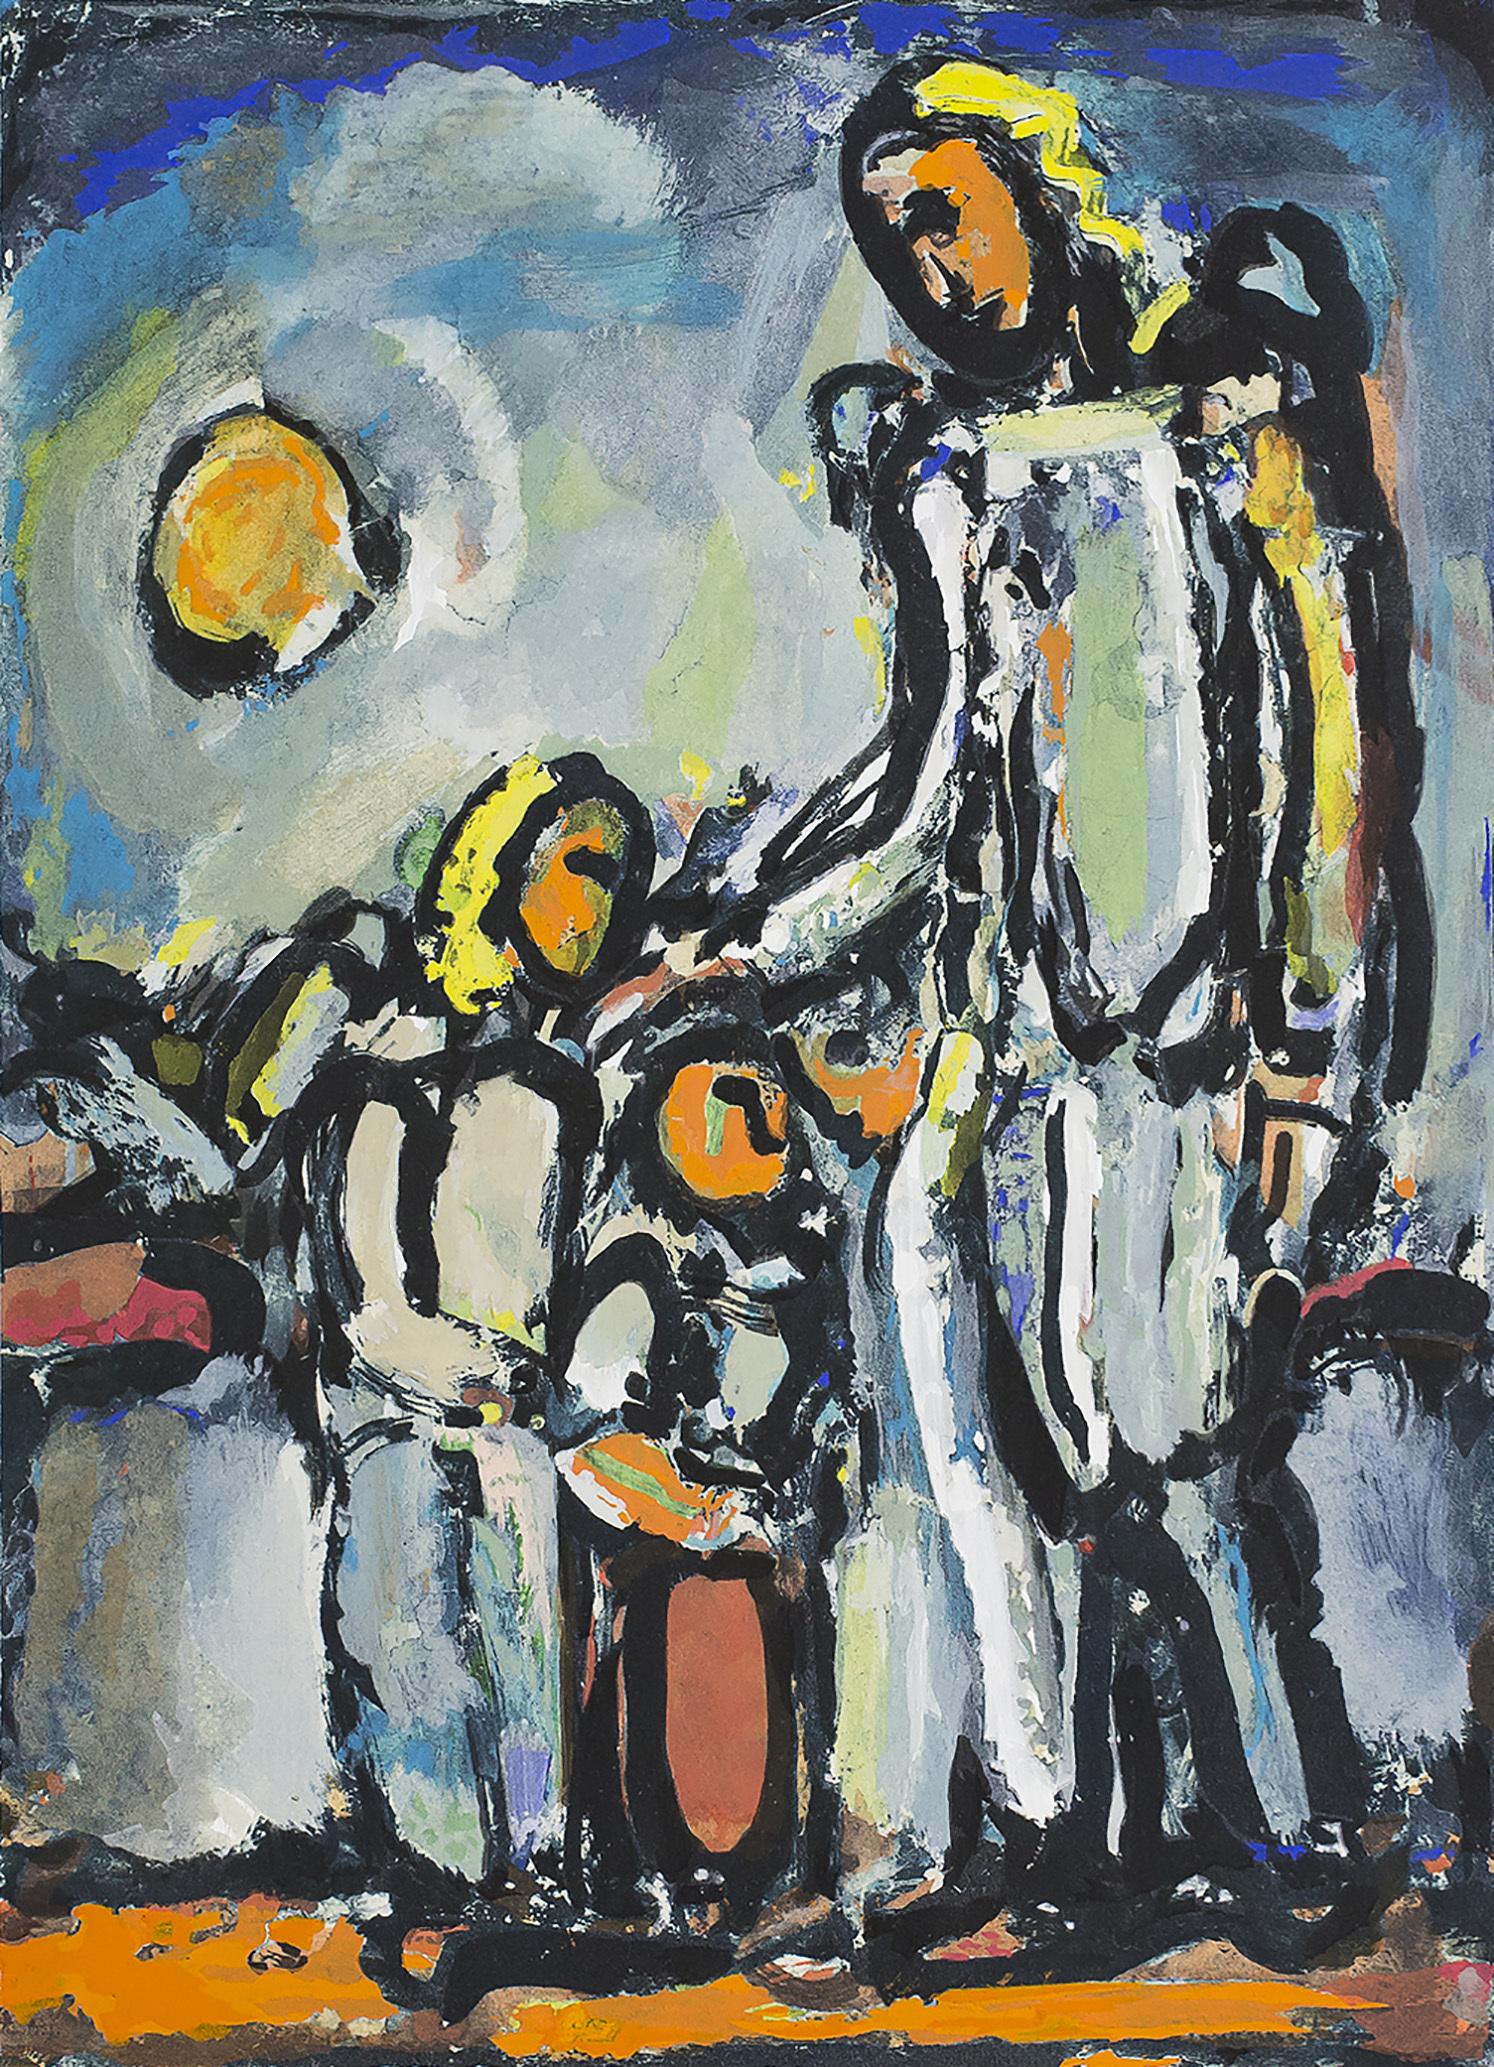 会期②出品作品:《守護の天使》 、 ジョルジュ・ルオー《守護の天使》(1945)に基づく複製画、 ジョルジュ・ルオー財団、パリ Photo : Alain Beulé